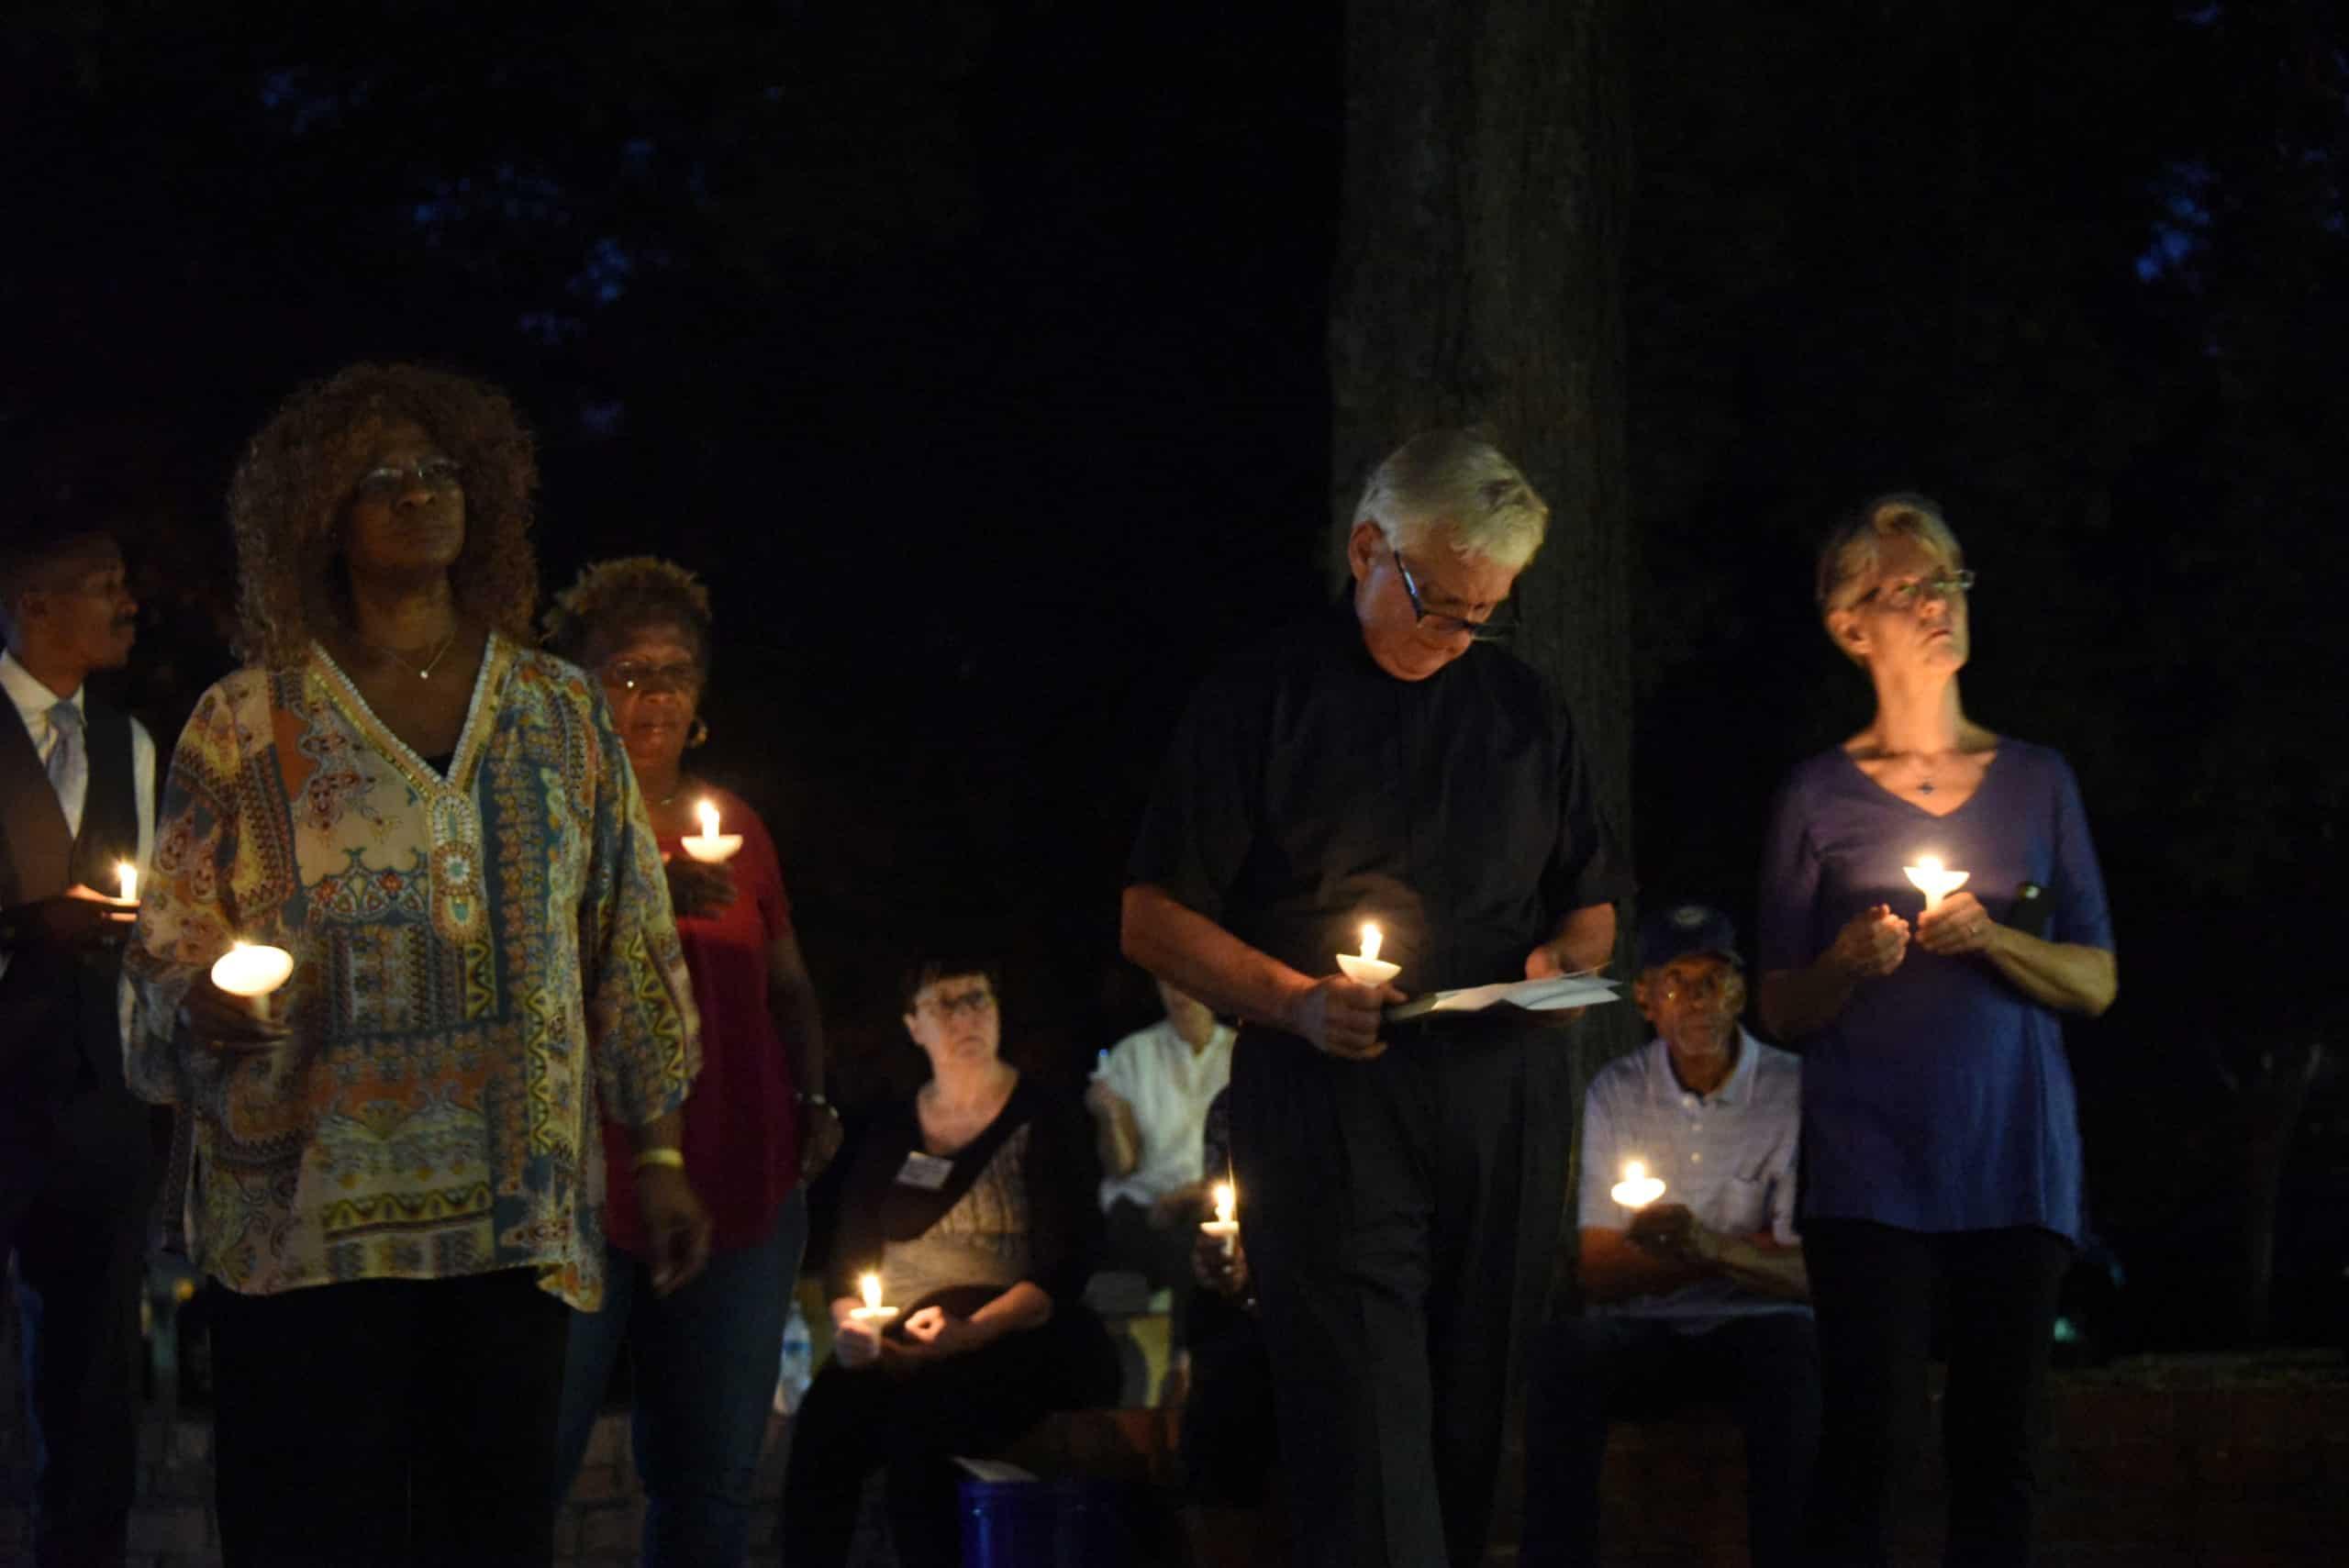 2019 Community Prayer Vigil attendees